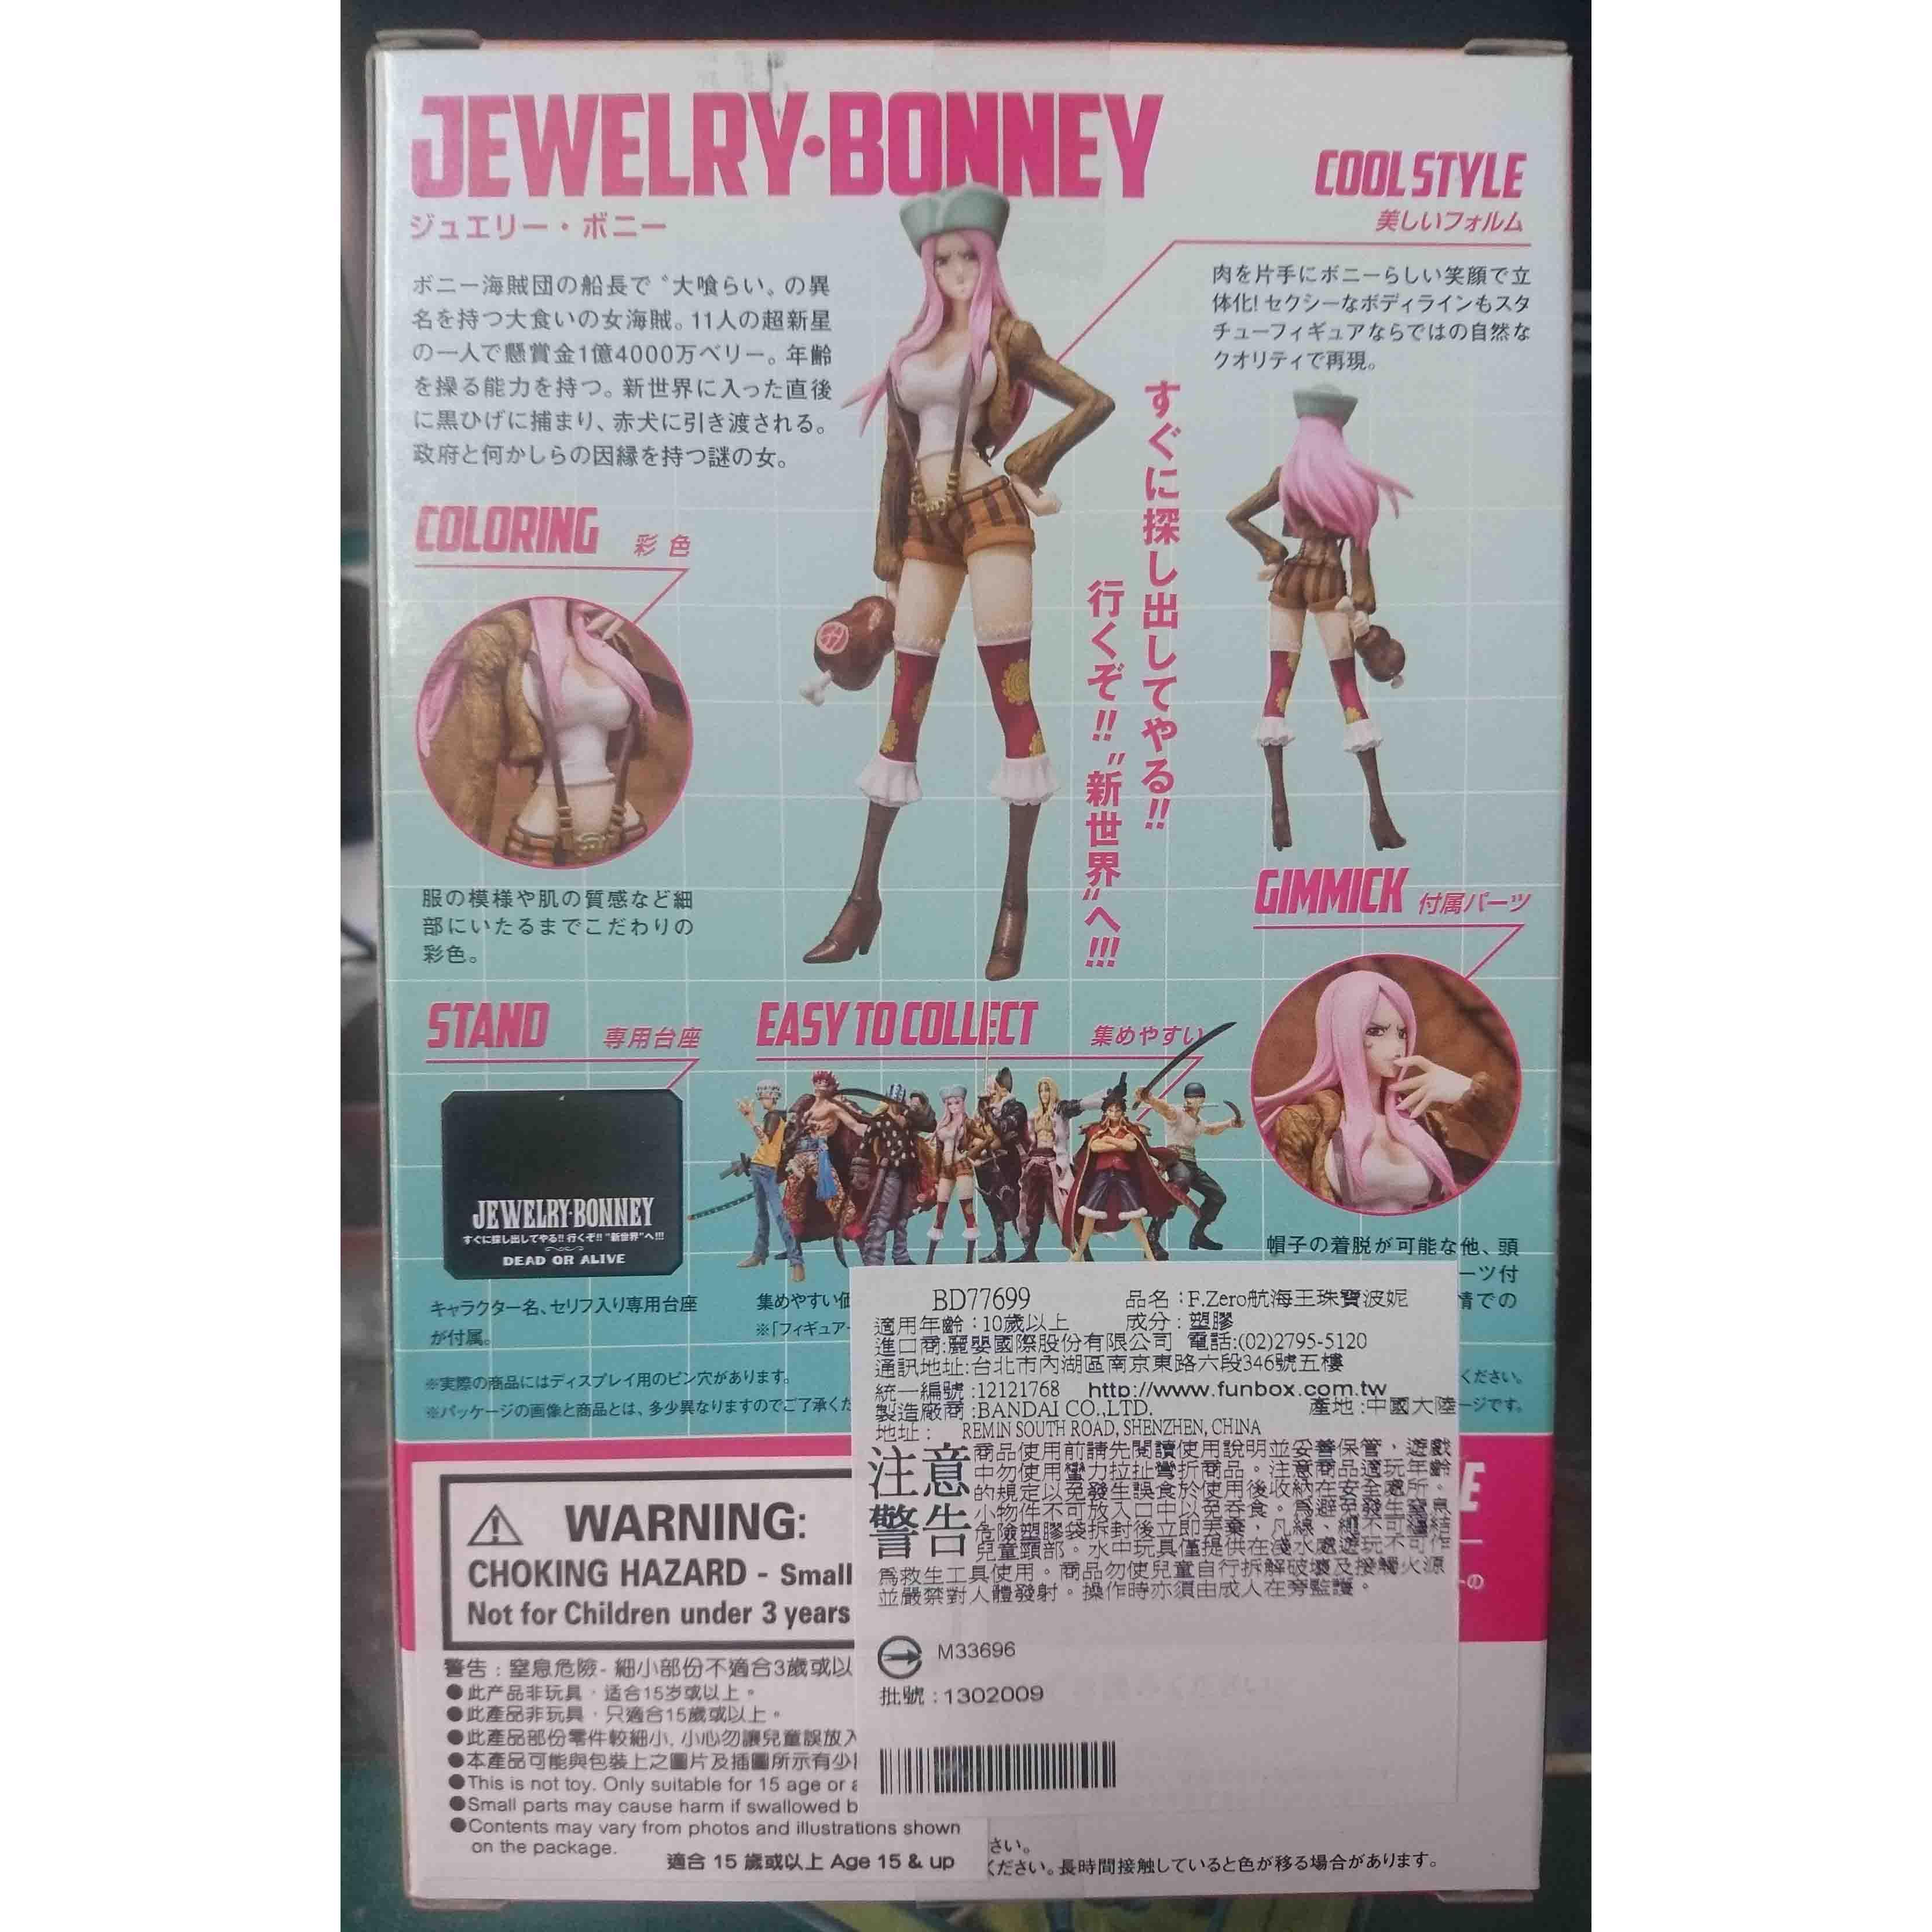 Figuarts Zero 航海王 海賊王 珠寶波妮,益祥模型玩具外盒實拍照片。